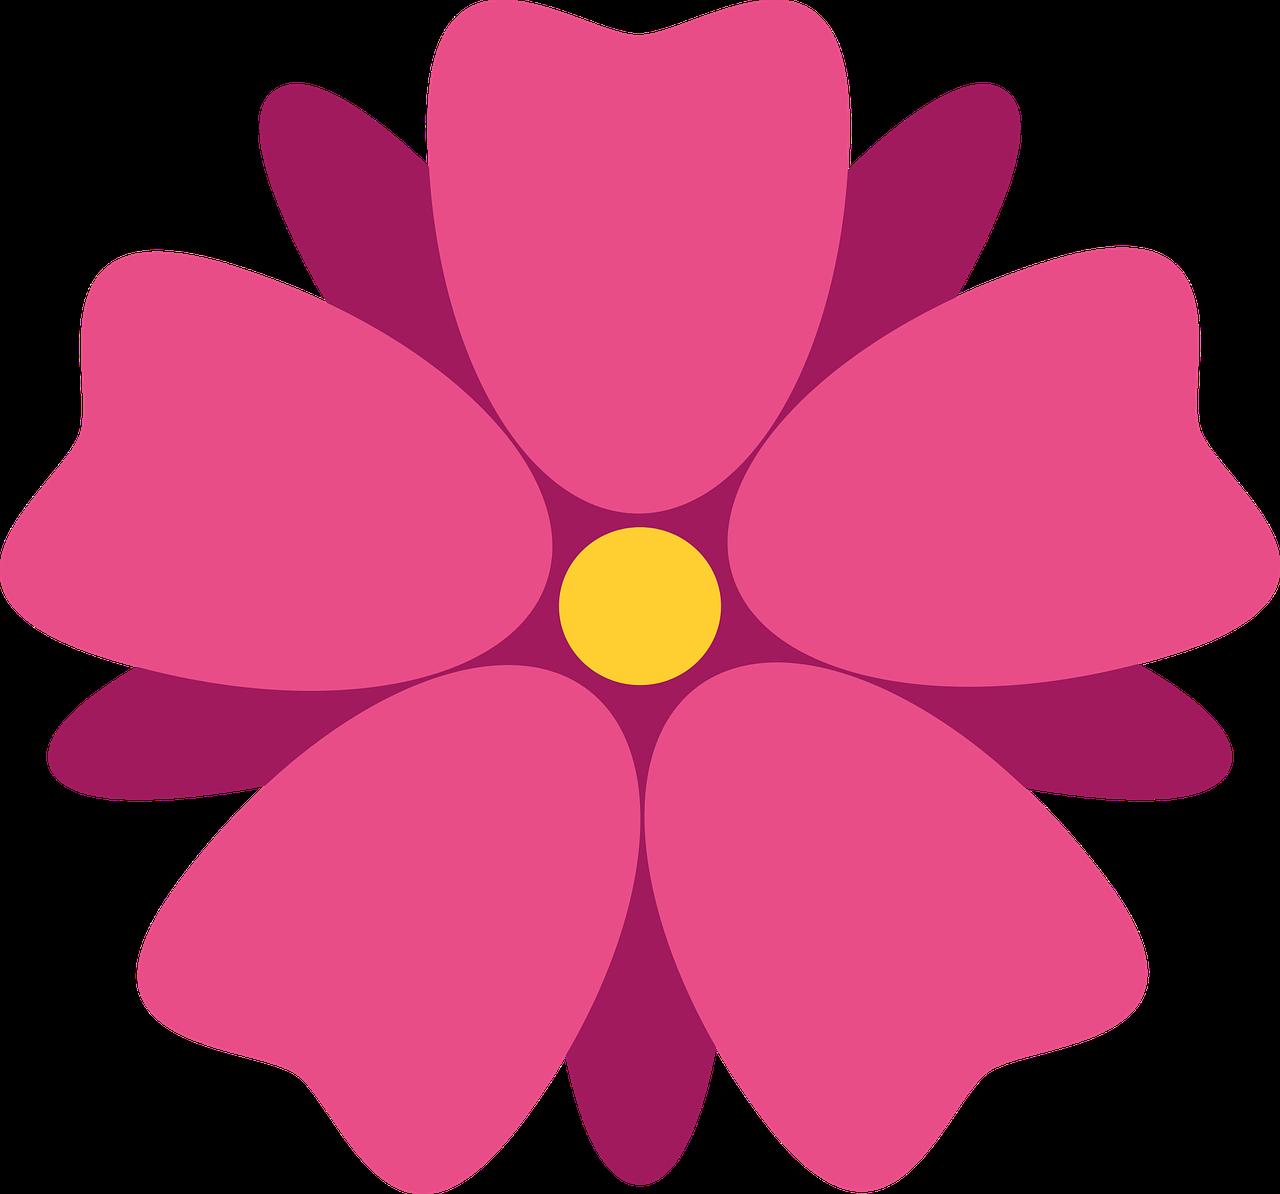 rose-3672007_1280